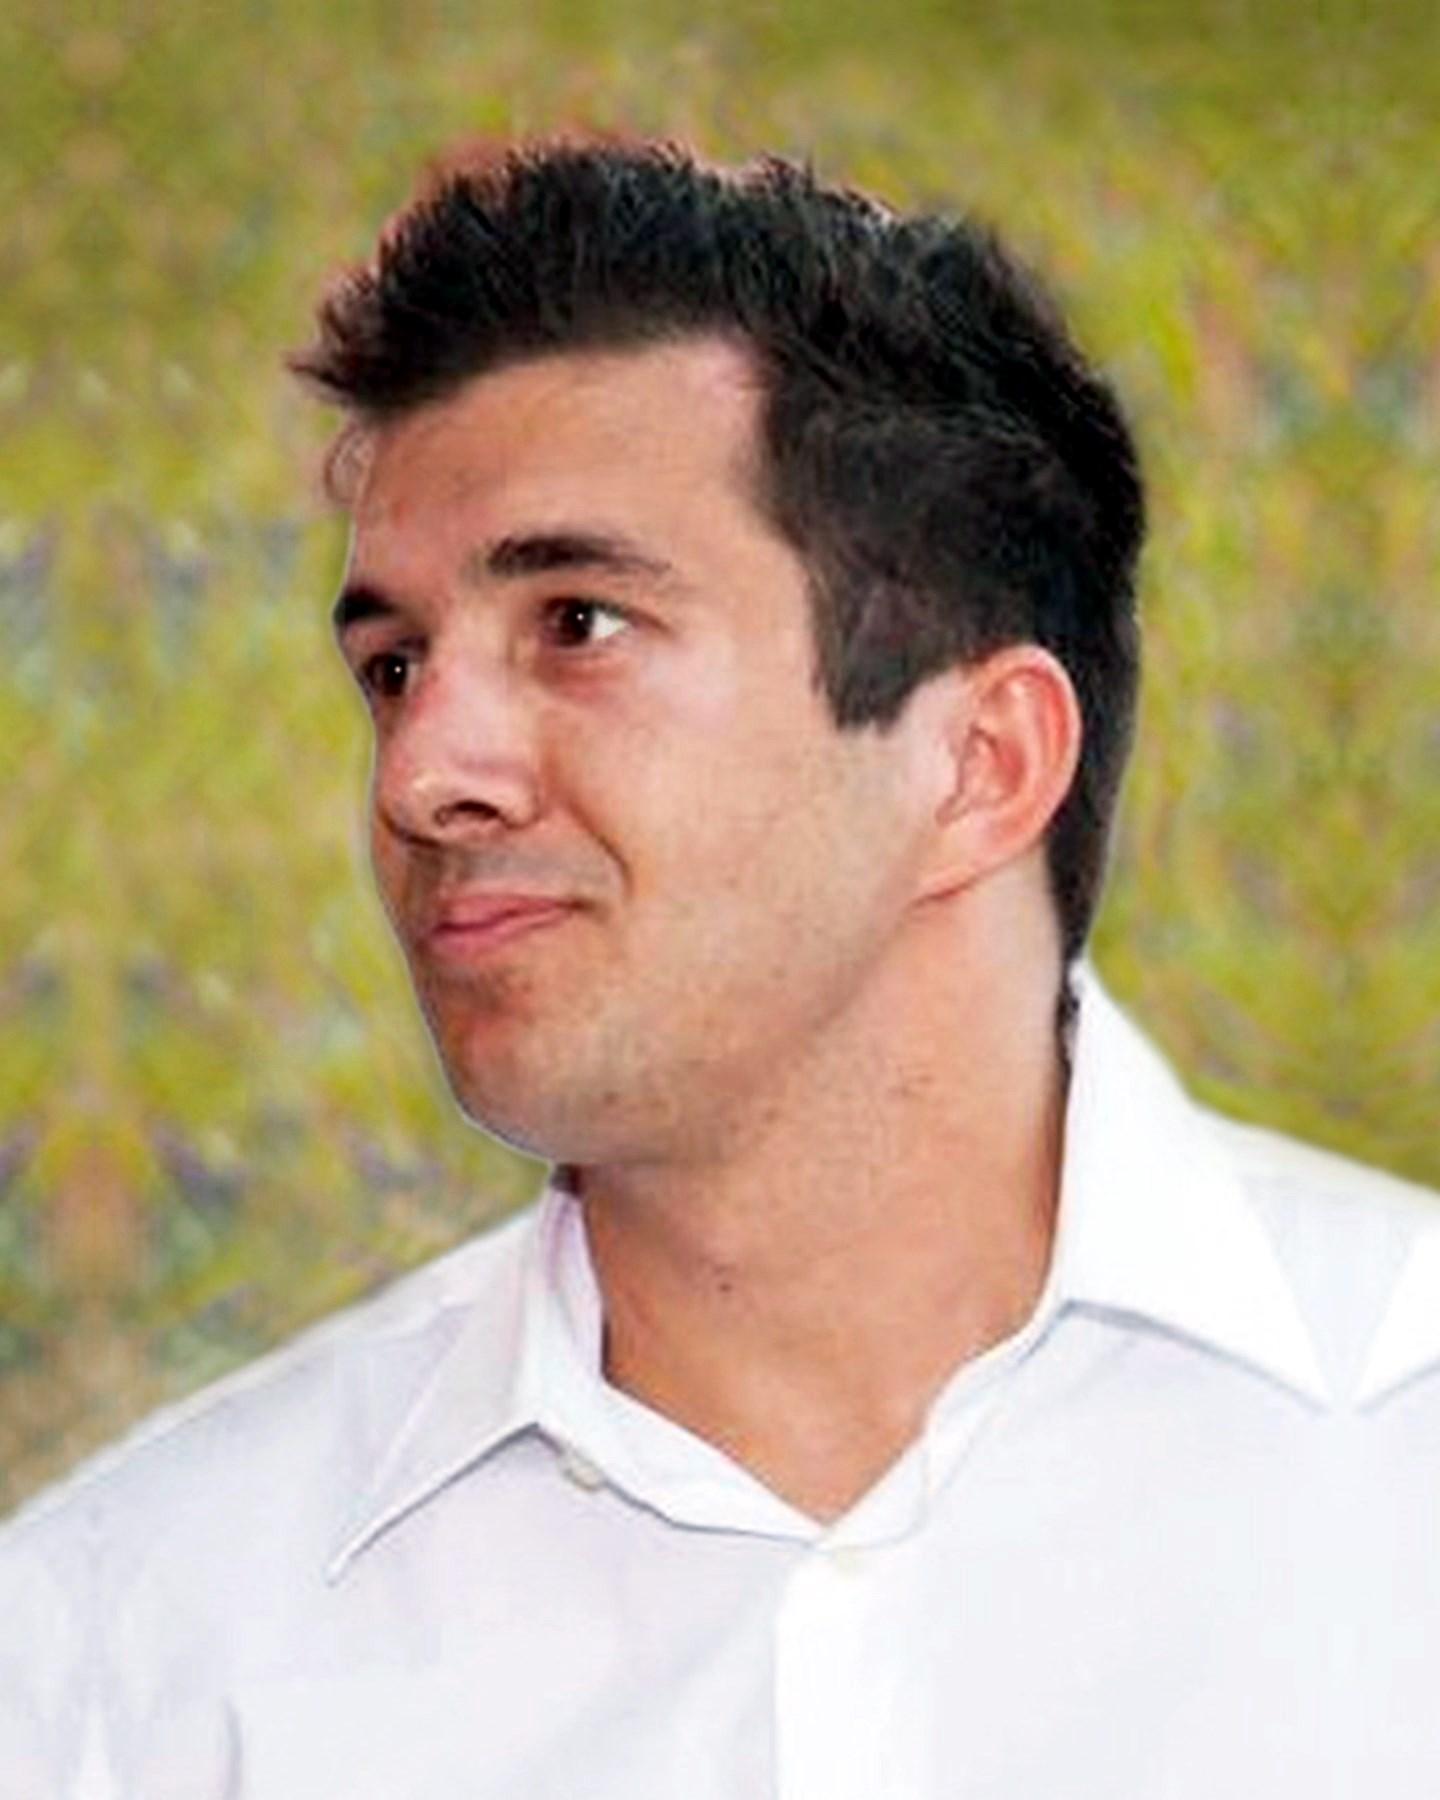 Derek Gerson  Migliacio